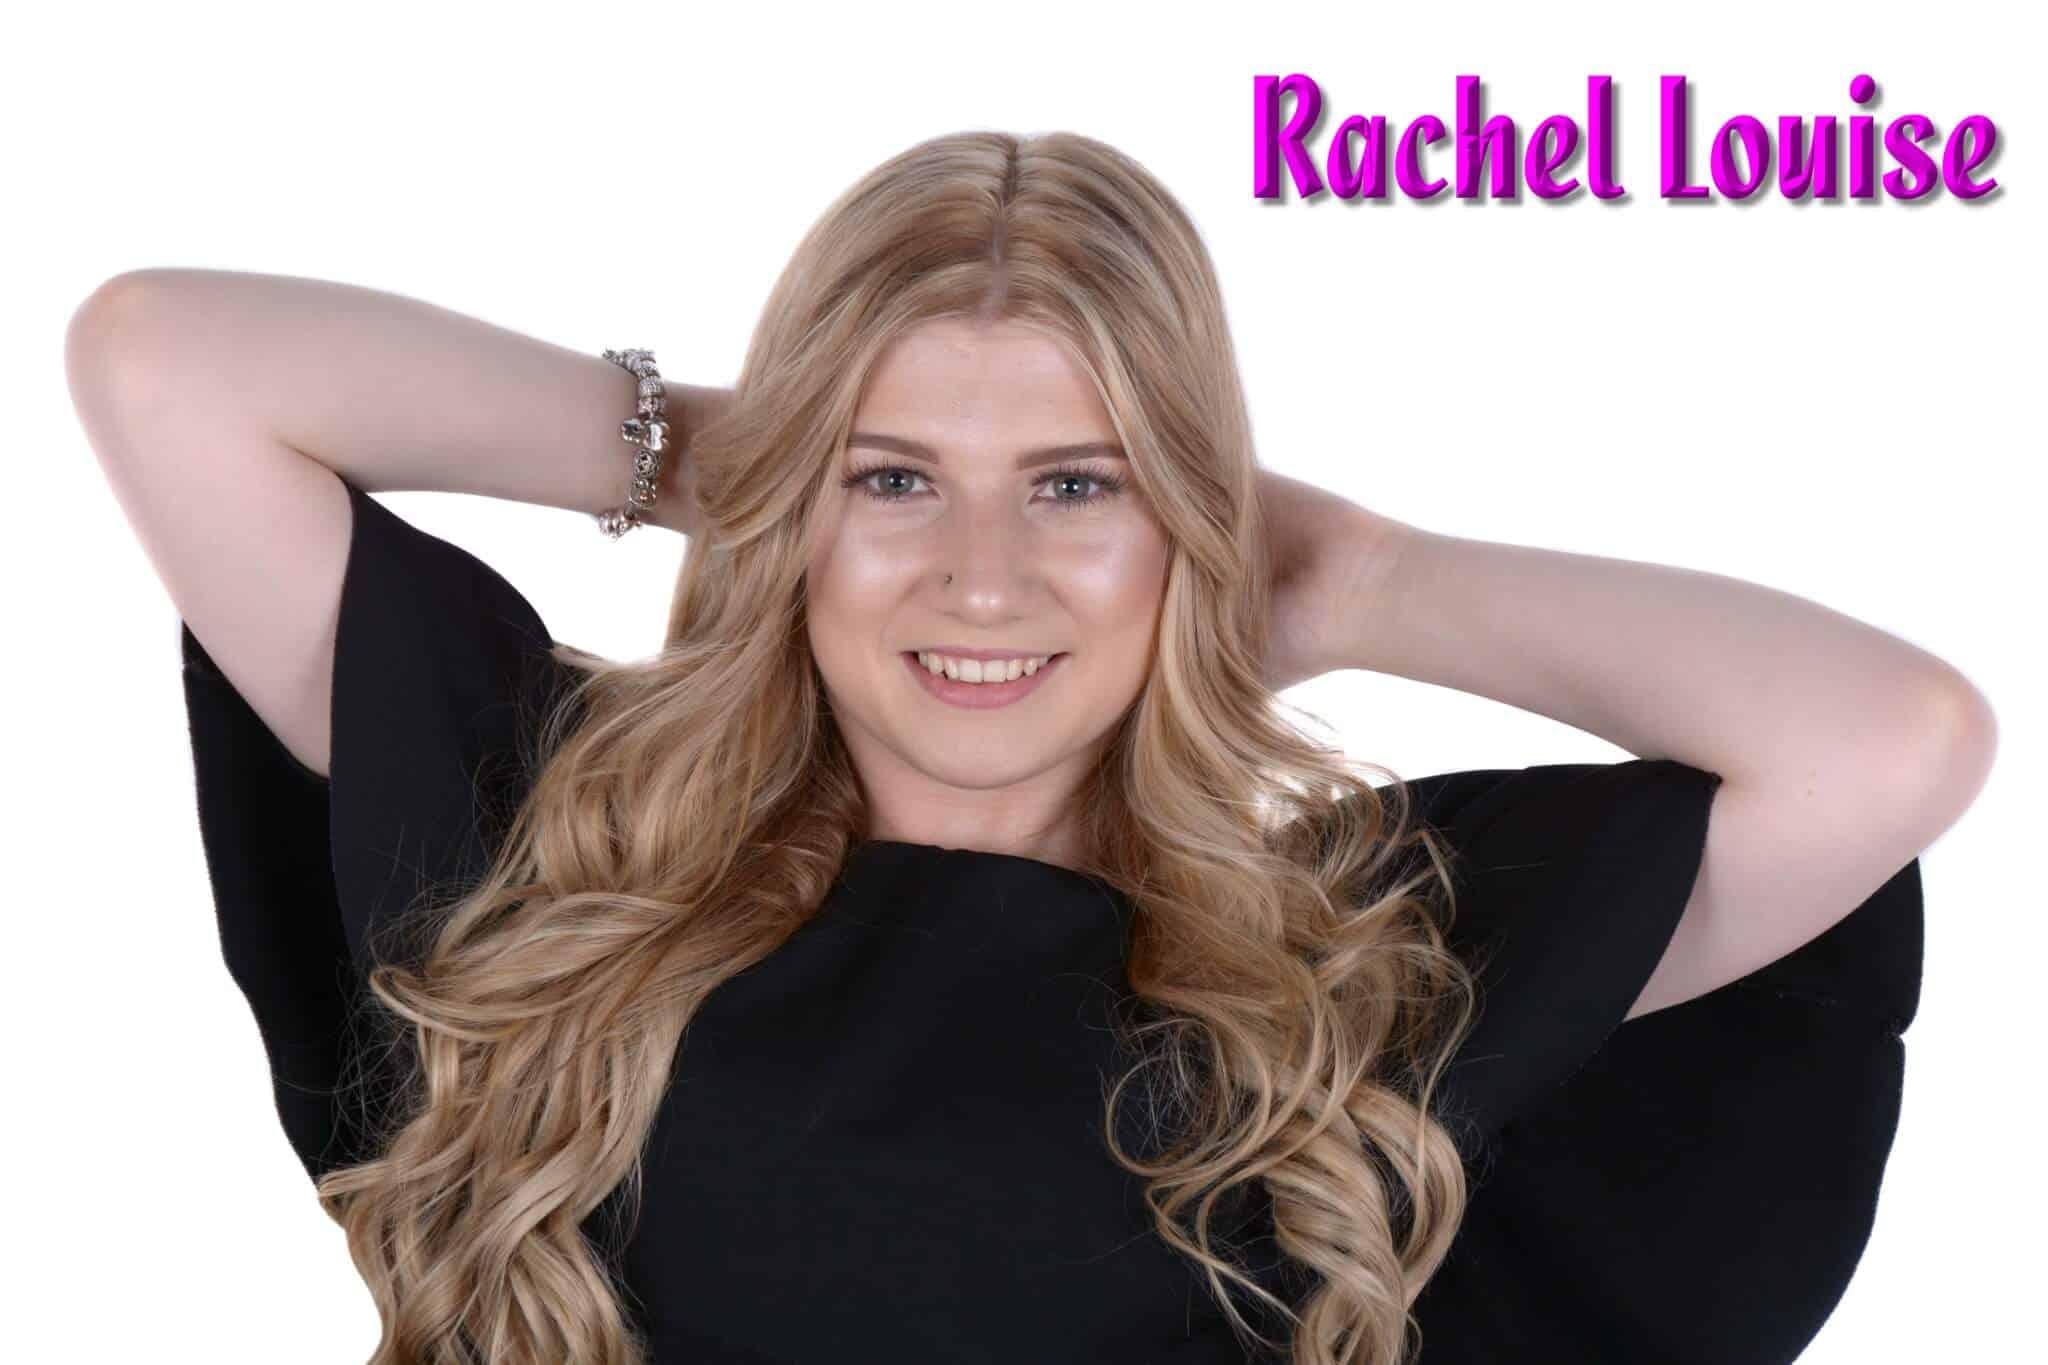 Rachel no mic